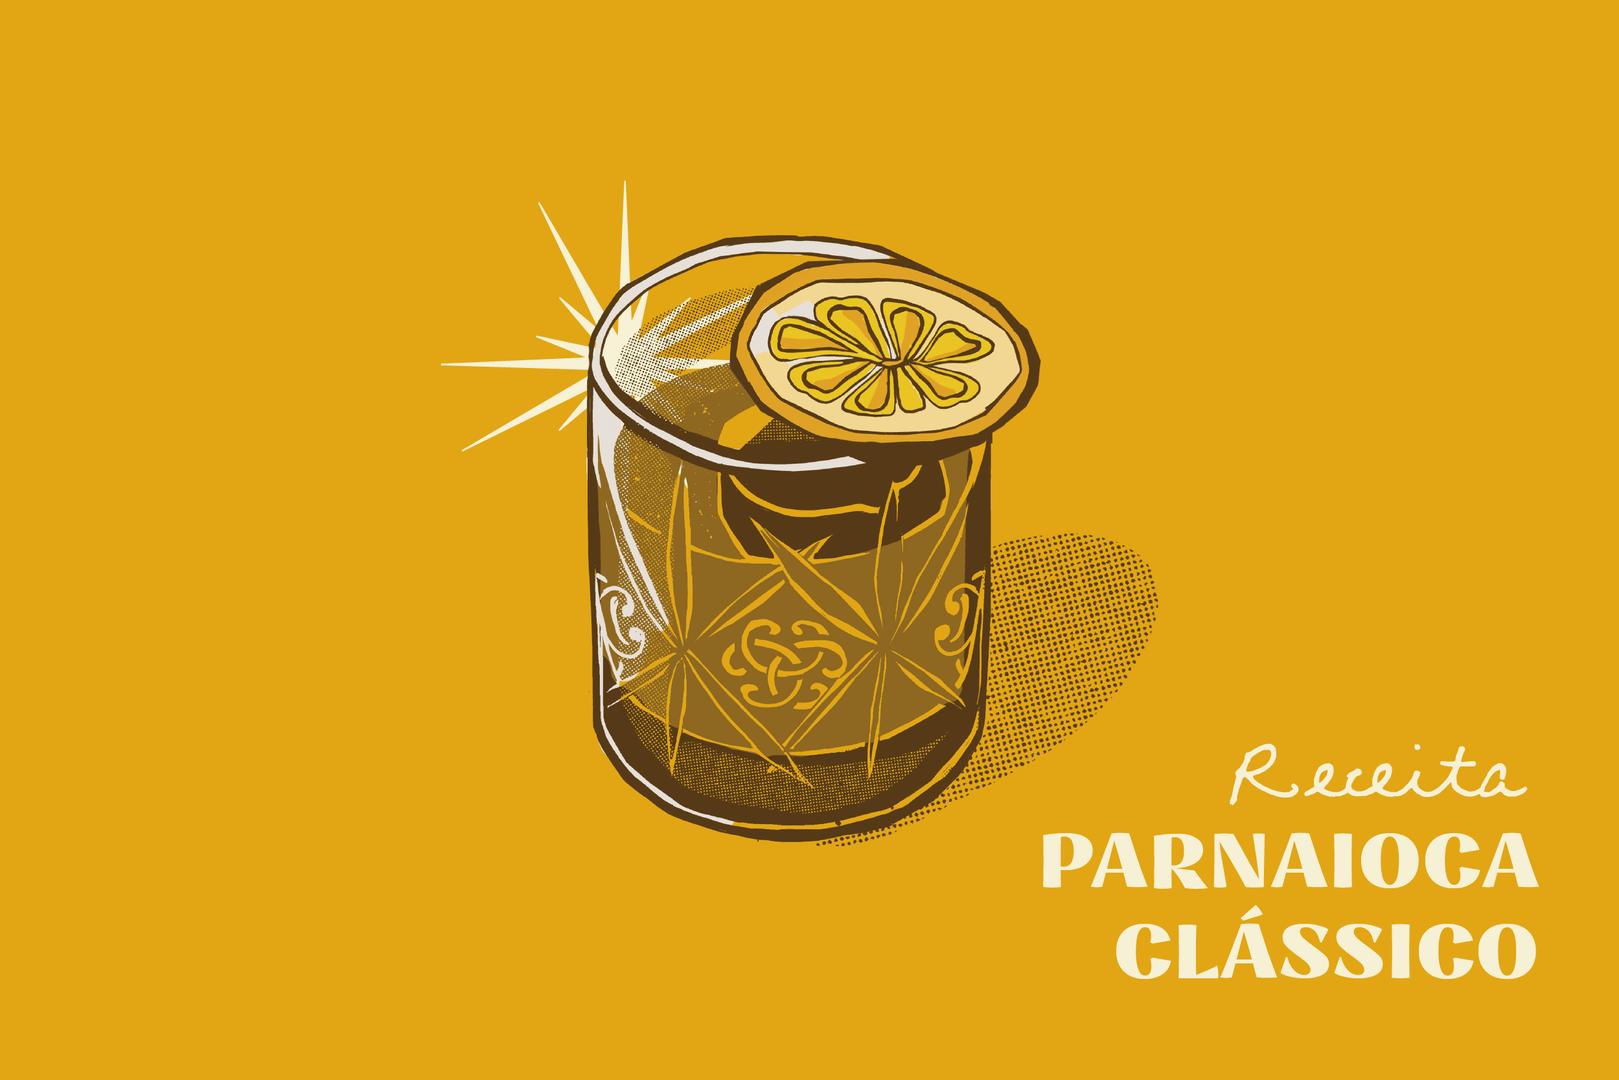 Parnaioca Clássico